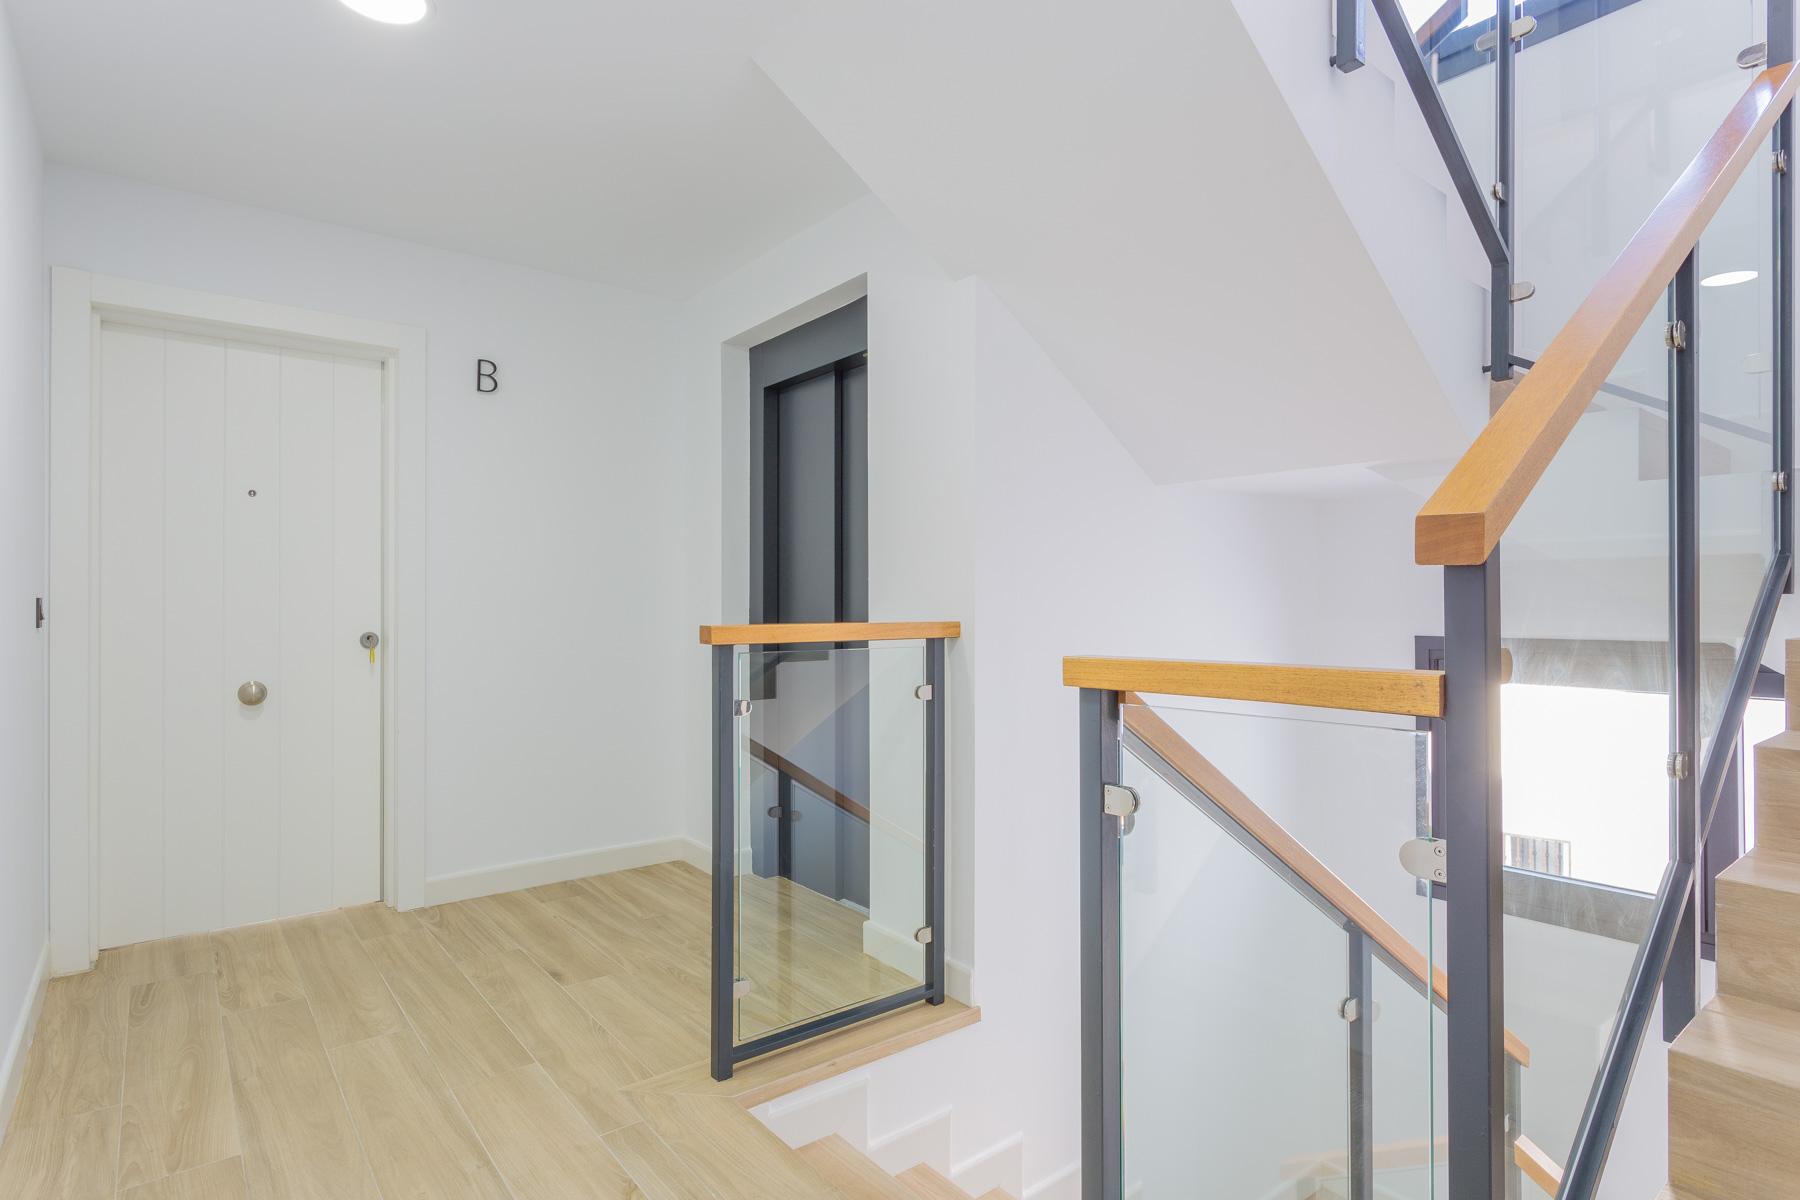 inmobiliaria_junio_010